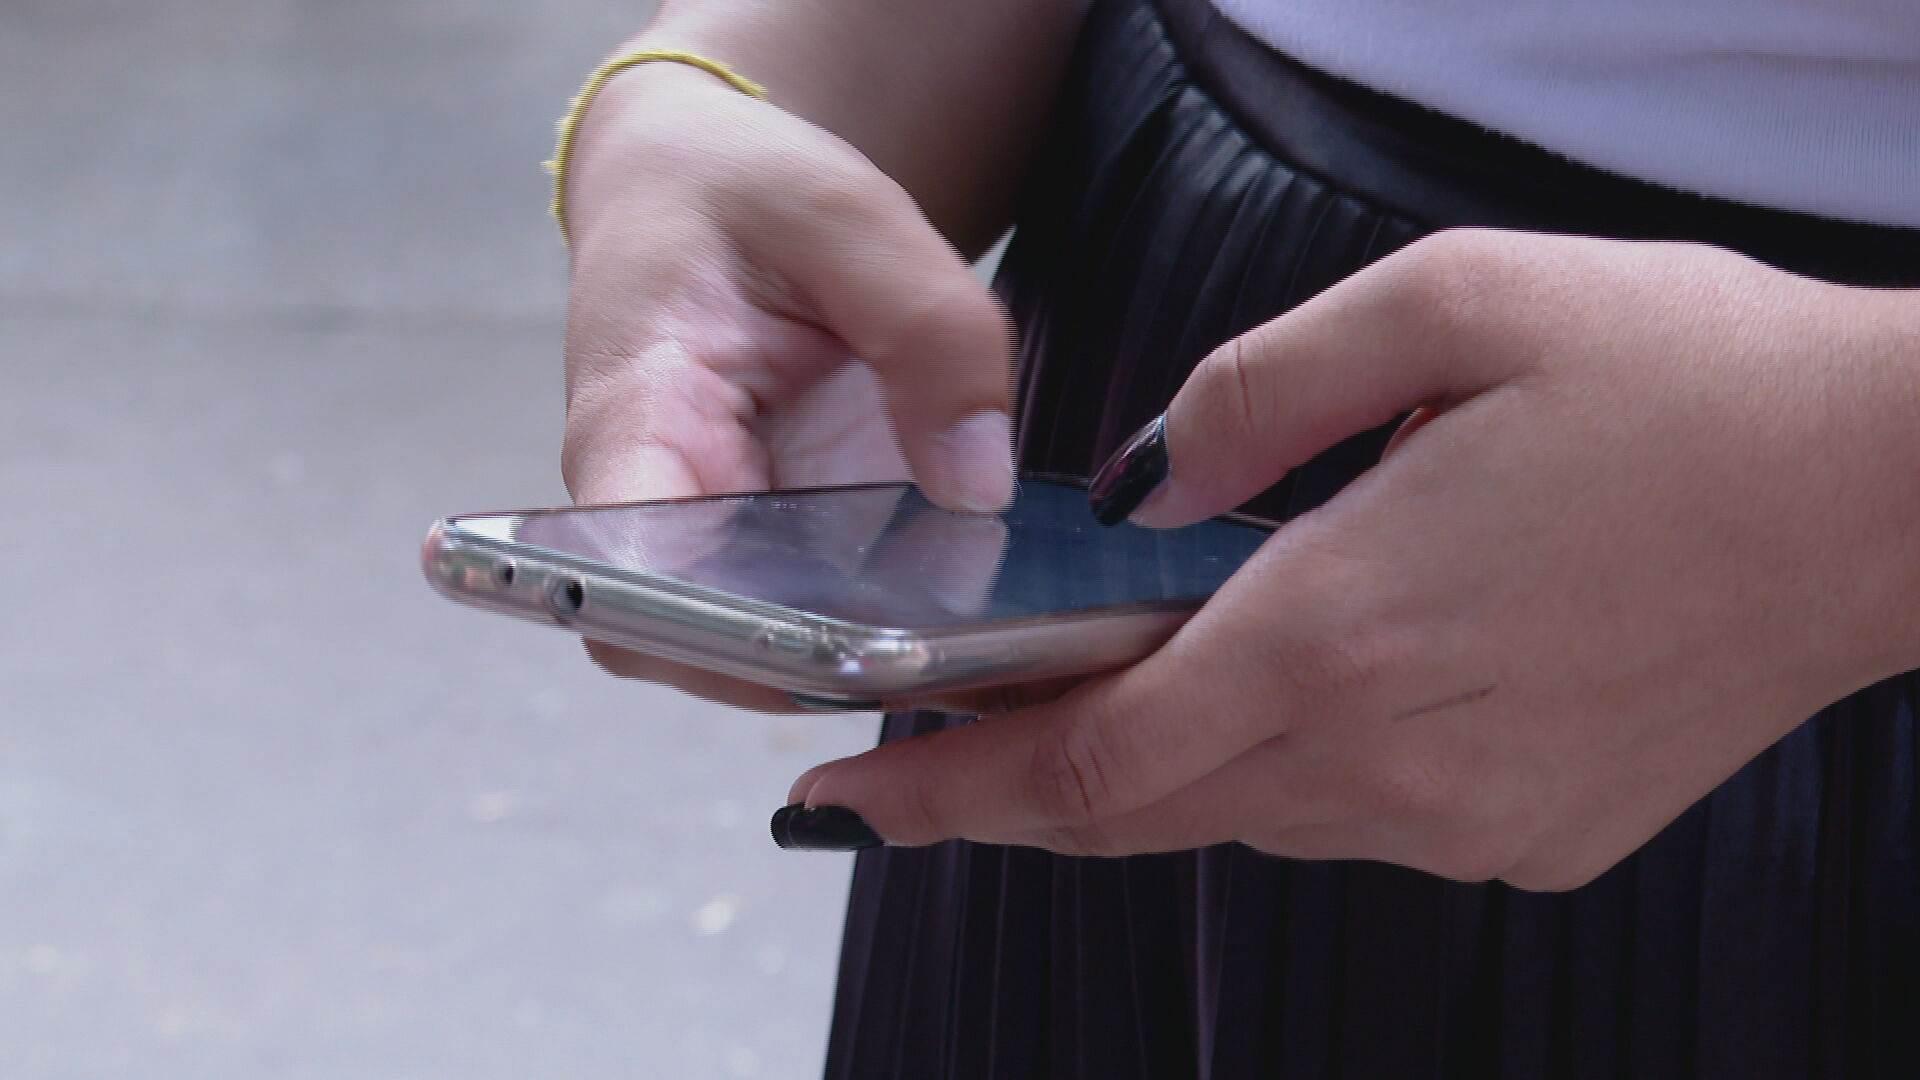 Consumidor que se sentir lesionado pode procurar ANPD